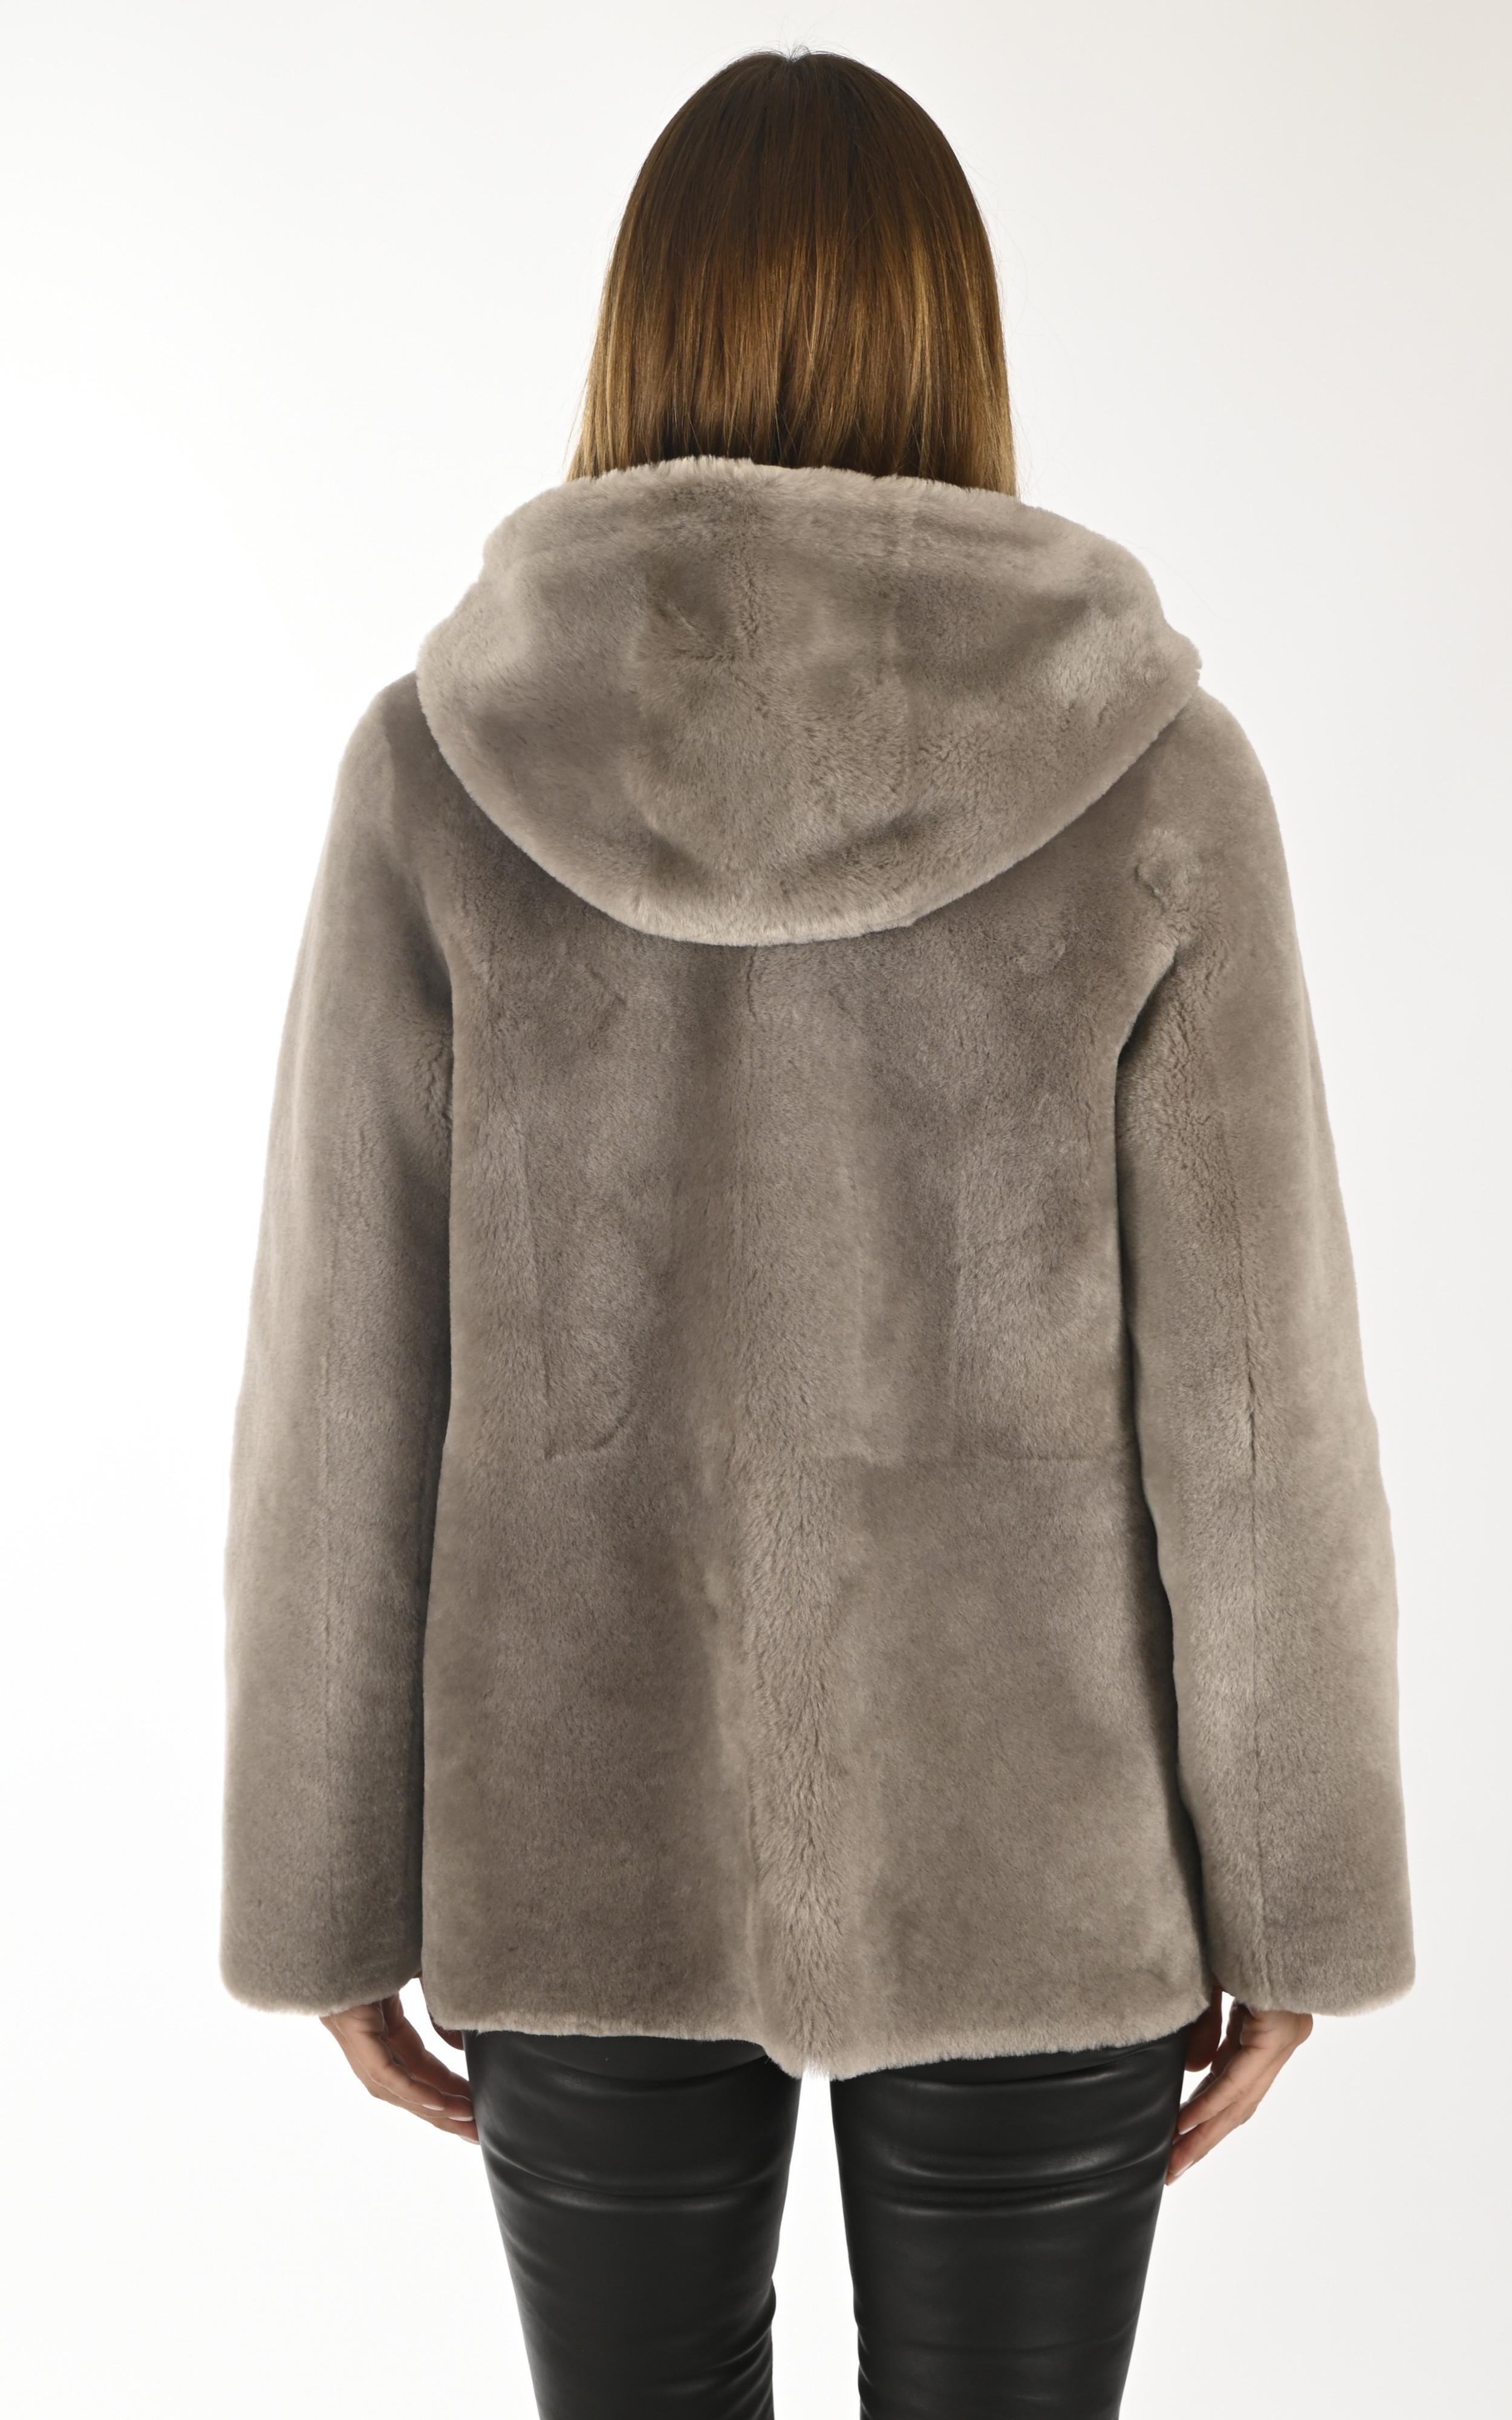 3/4 peau lainée taupe Giorgio